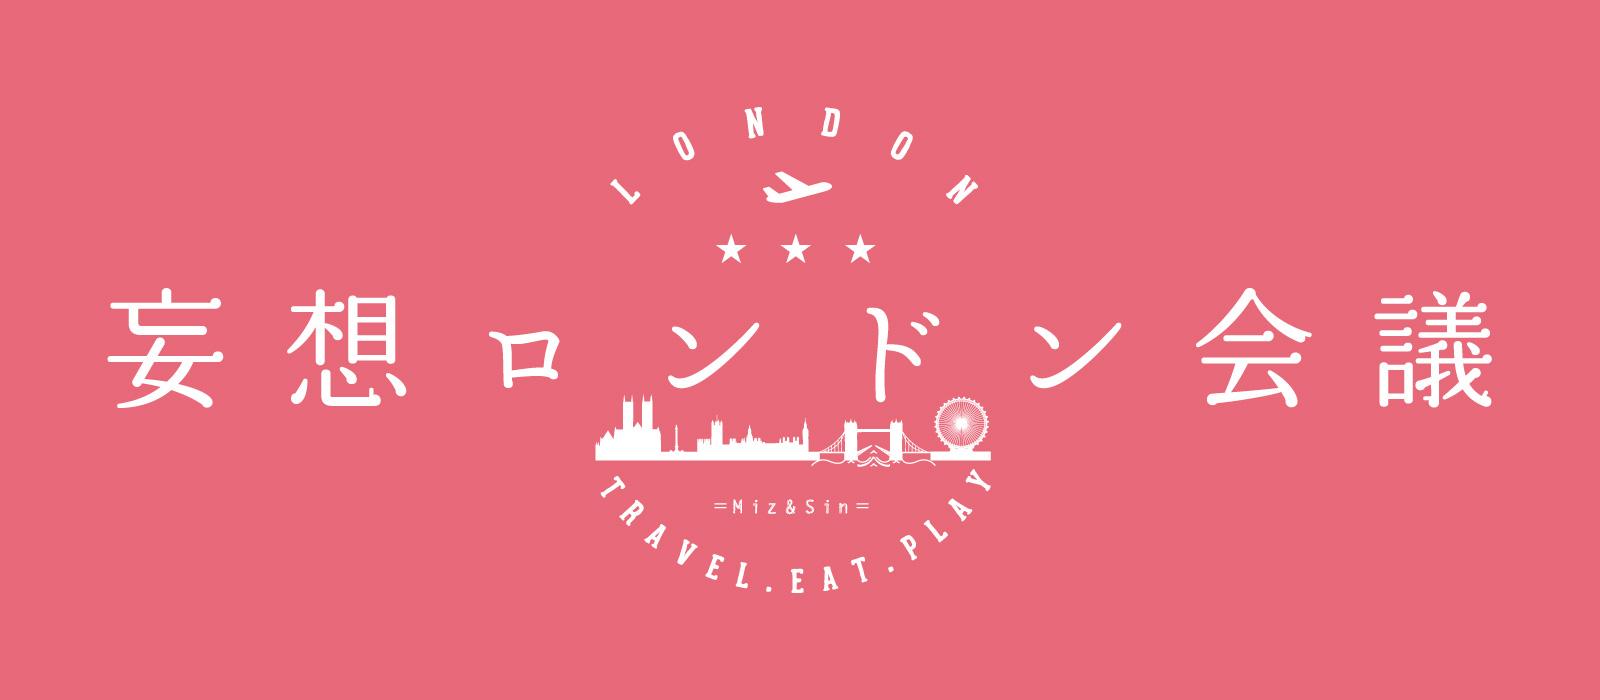 妄想ロンドン会議